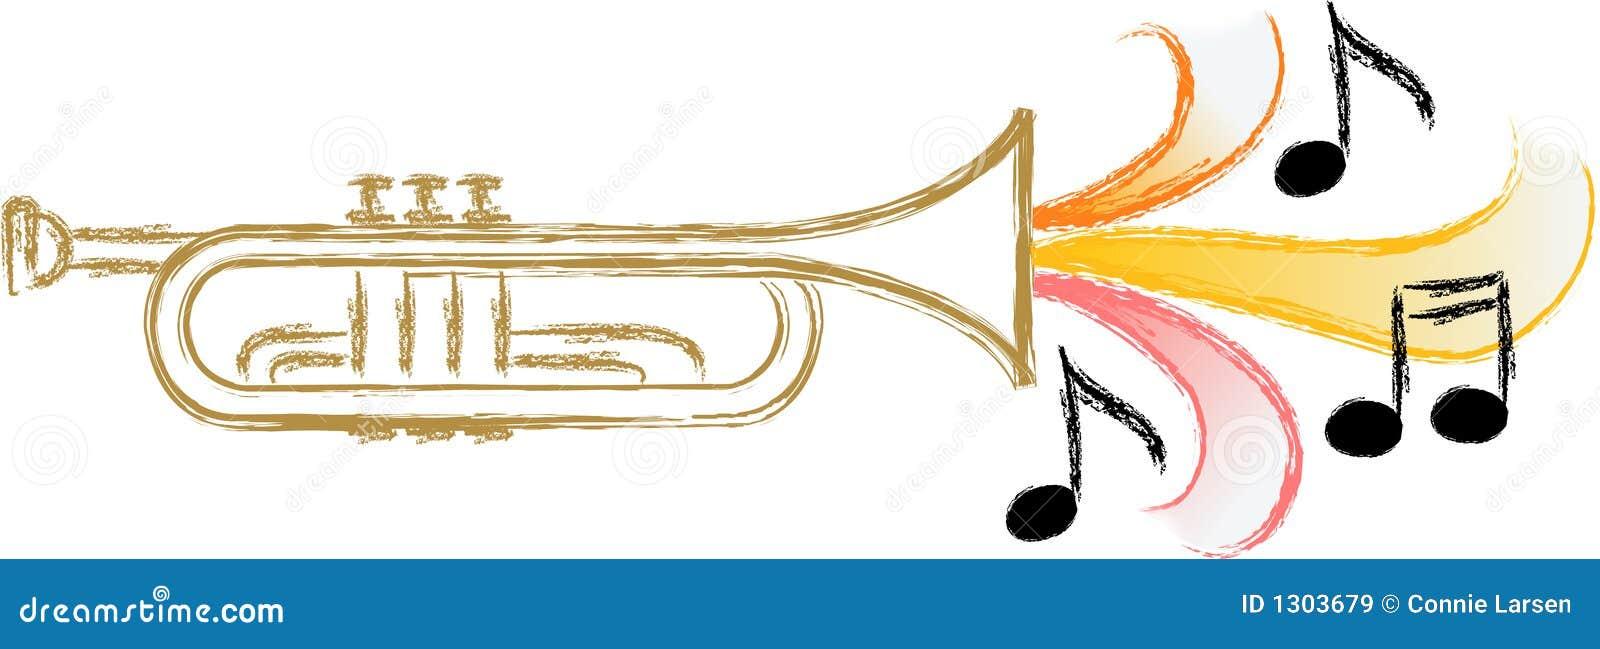 Illustration of a trumpet with stylized music symbolizing jazz, blues ...